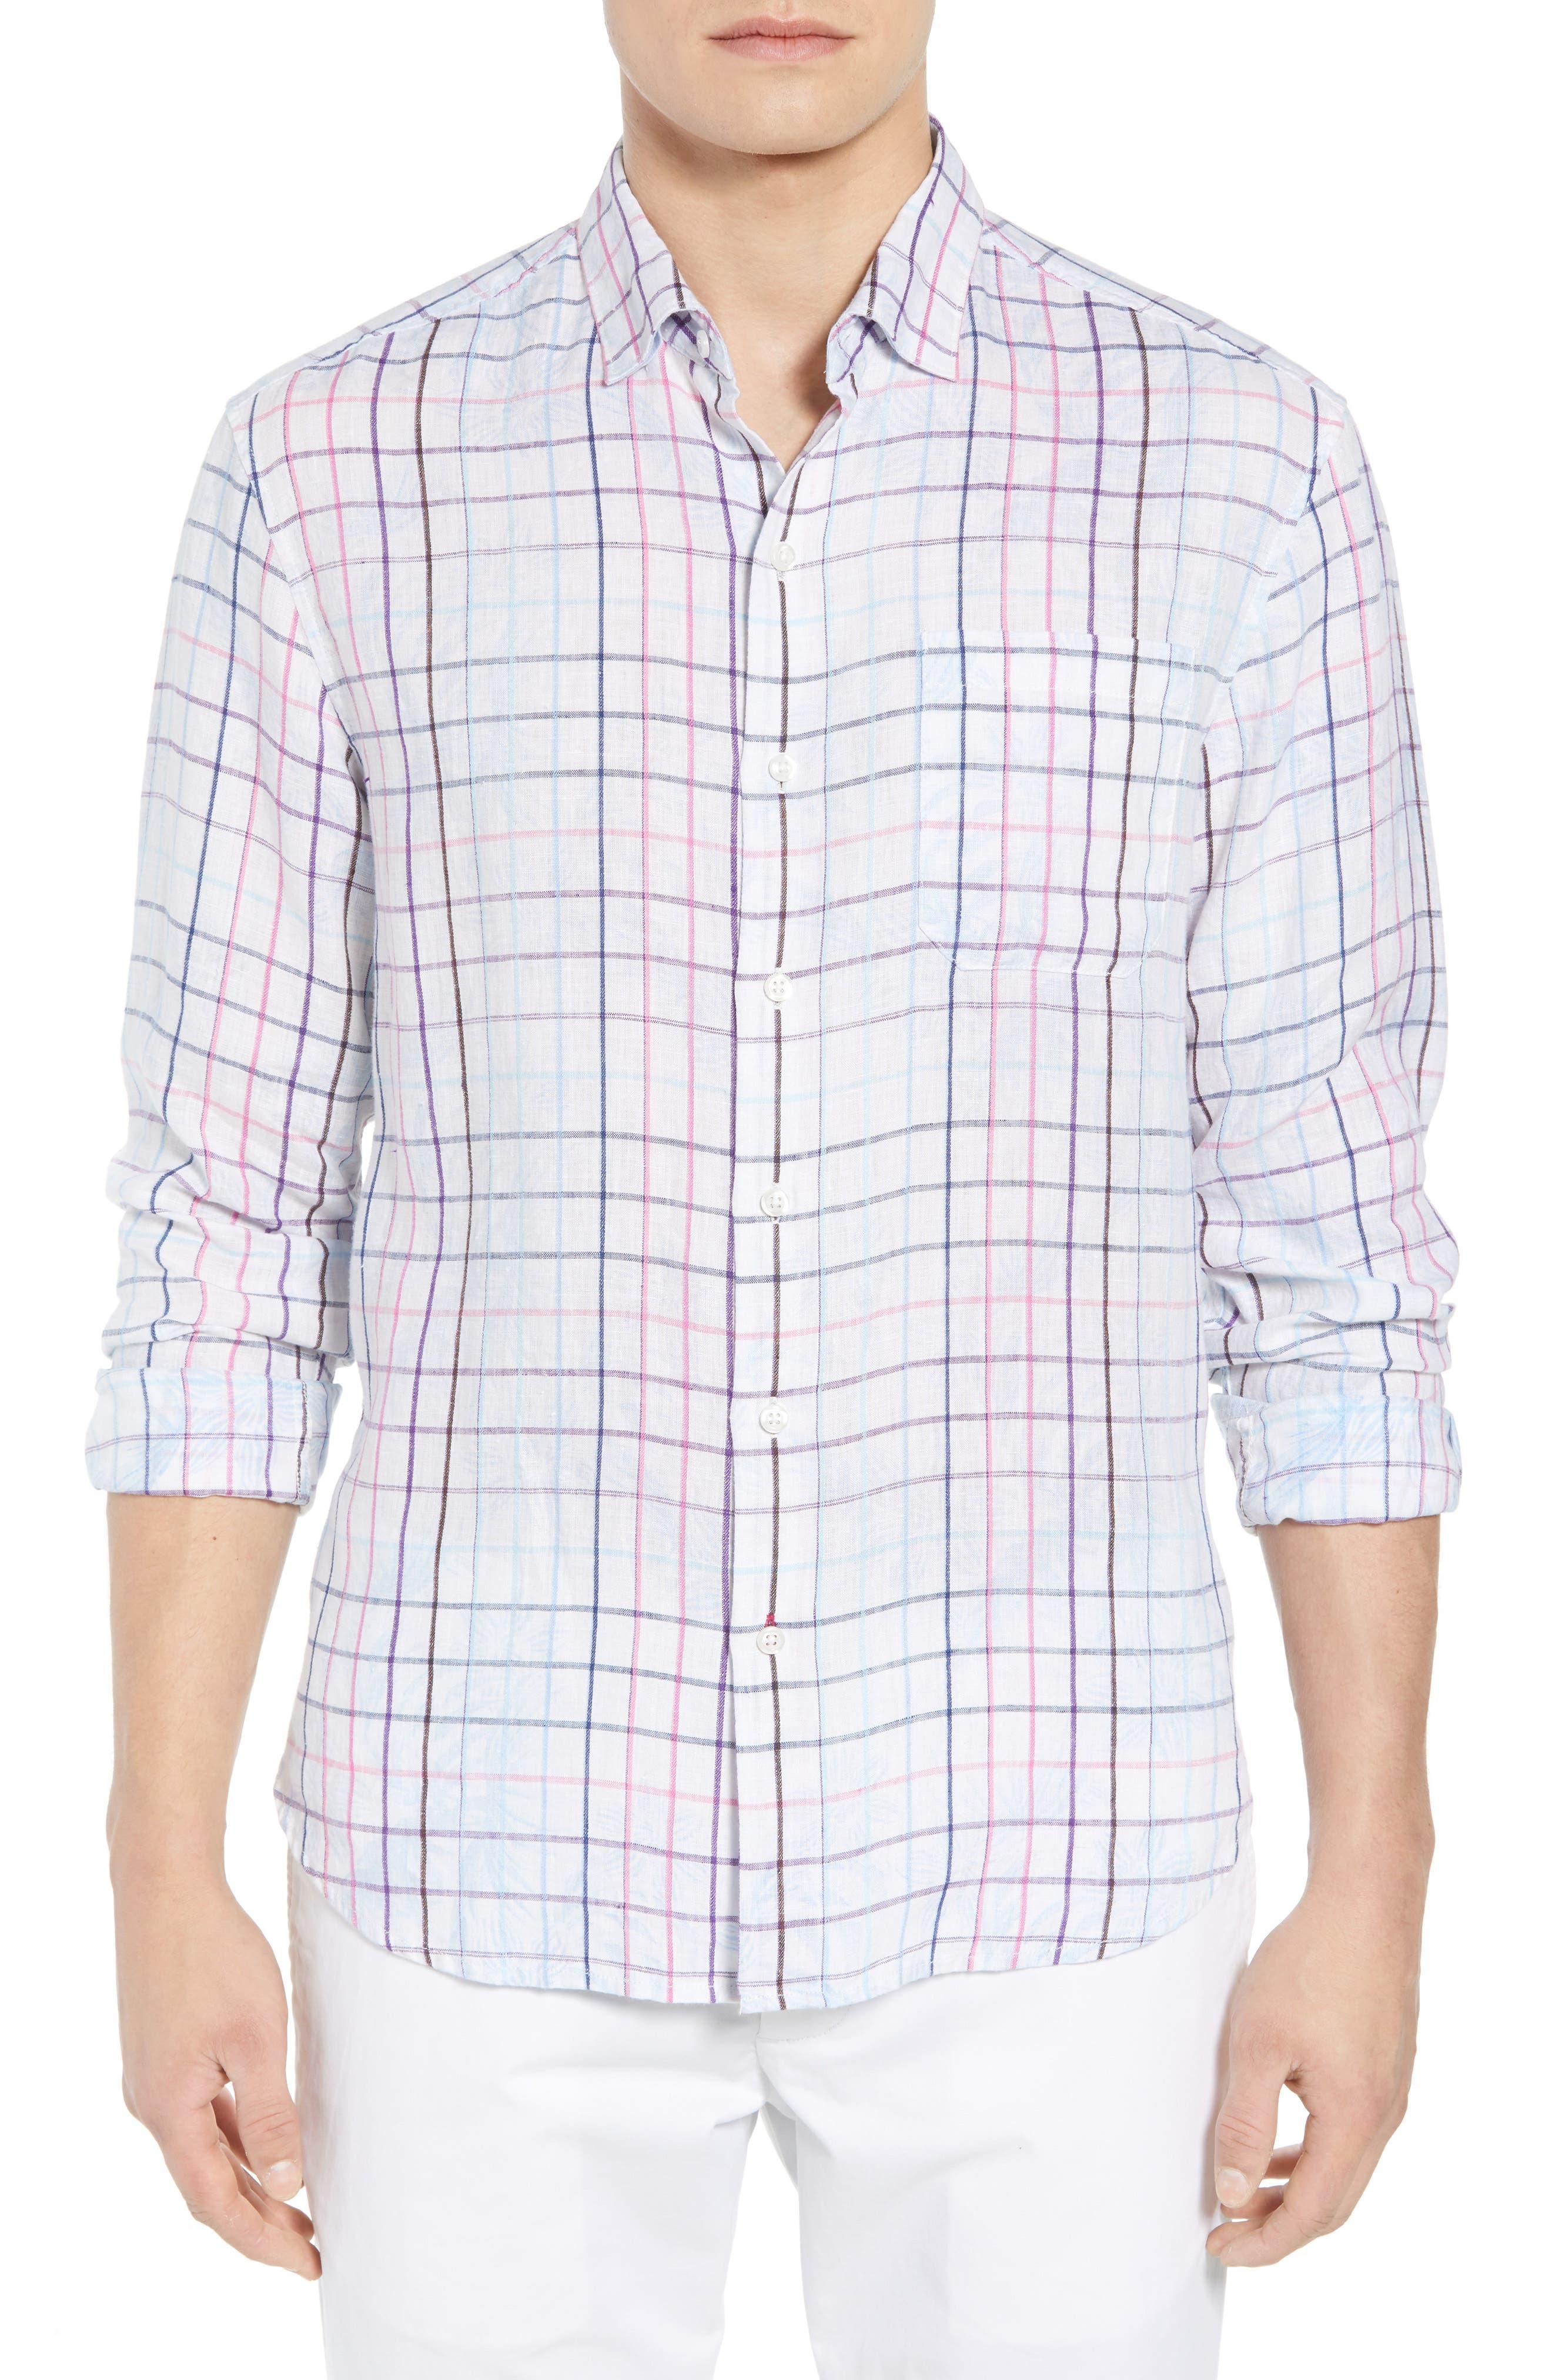 Tulum Terrace Check Linen Sport Shirt,                         Main,                         color, BOWTIE BLUE